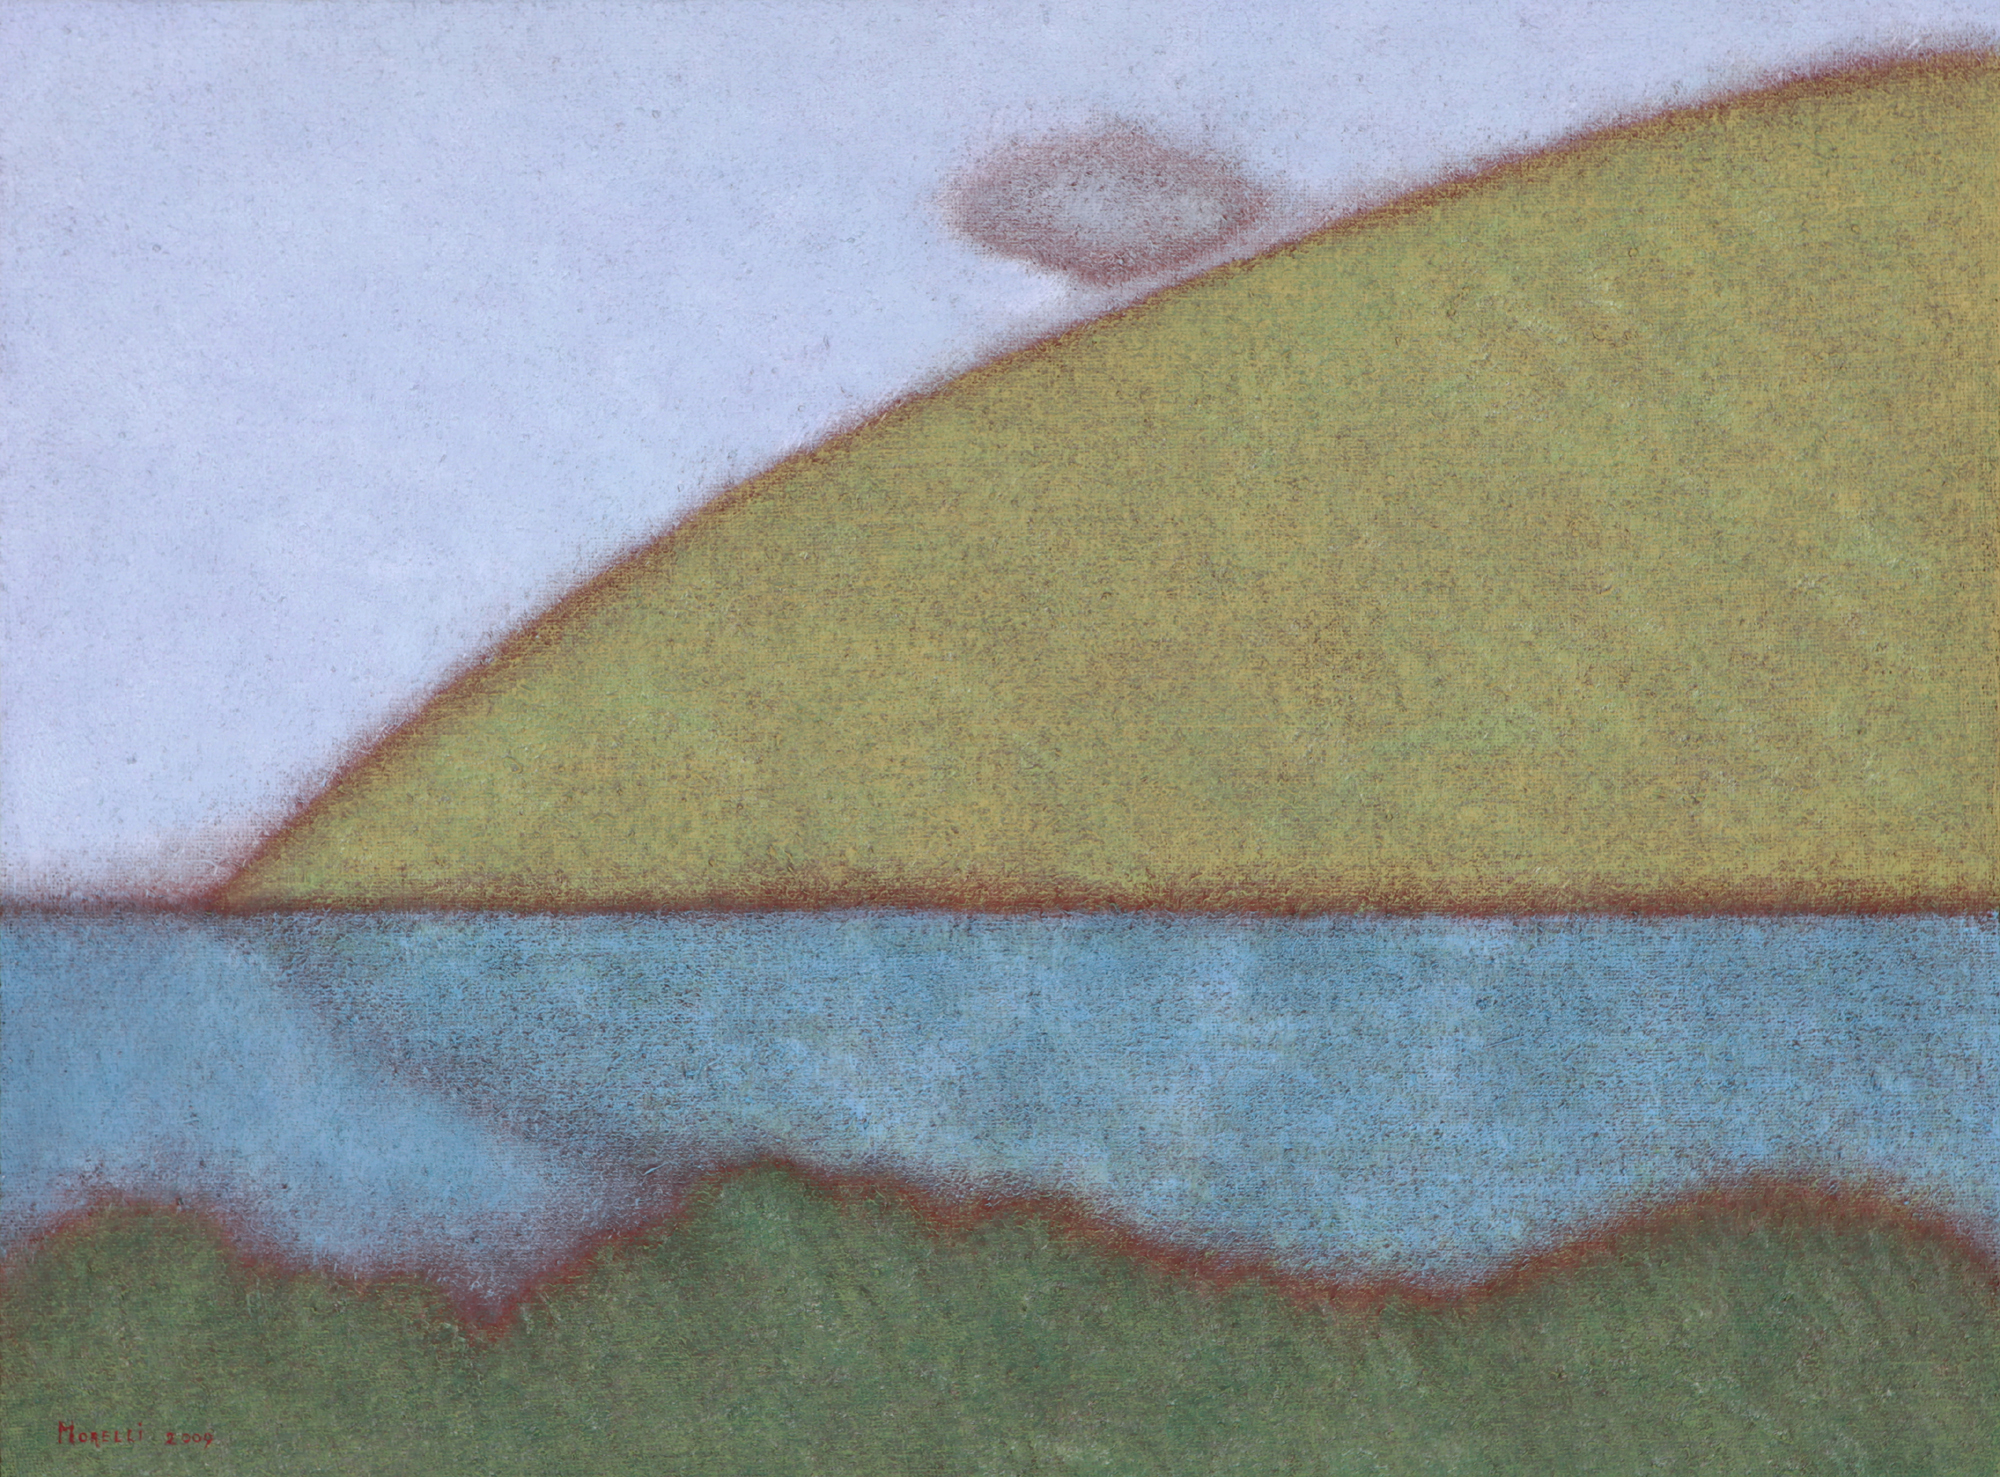 Merlino Bottega D Arte guido morelli, 'collina con piccolo temporale' - merlino